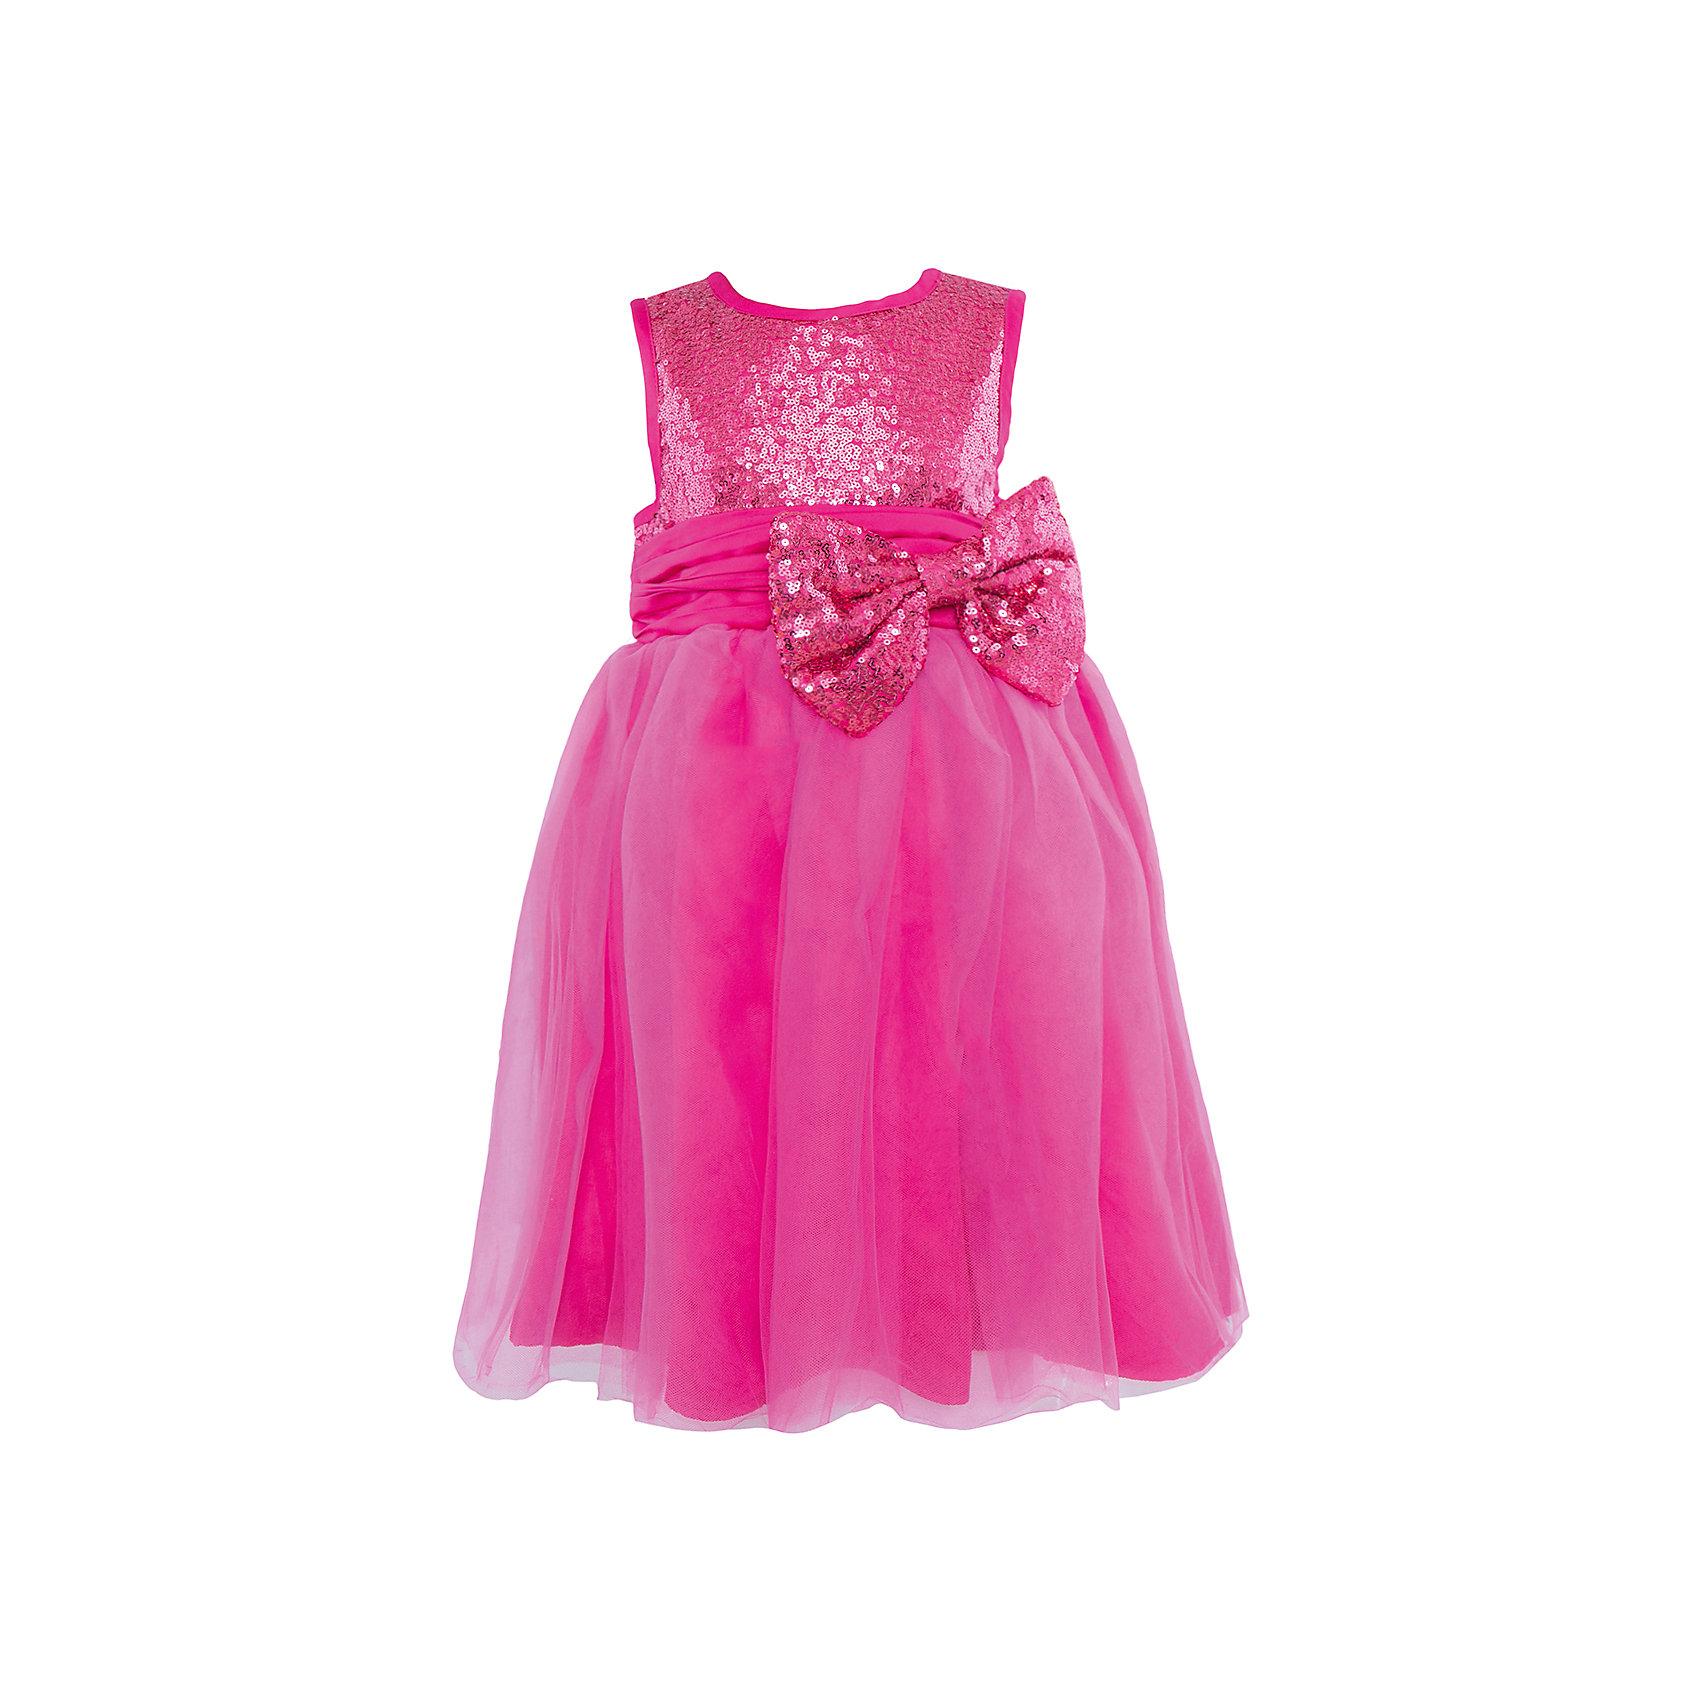 Нарядное платье Sweet BerryКрасивое нарядное платье из комбинированной ткани. Верх платья и декоративный бант на поясе выполнены из полотна усыпанного пайетками . Нижняя юбка и пояс из атласа. Верхняя юбка из многослойной сетки.<br>Состав:<br>Верх: 100% полиэстер, Подкладка: 100% хлопок<br><br>Ширина мм: 236<br>Глубина мм: 16<br>Высота мм: 184<br>Вес г: 177<br>Цвет: розовый<br>Возраст от месяцев: 48<br>Возраст до месяцев: 60<br>Пол: Женский<br>Возраст: Детский<br>Размер: 110,104,98,122,116,128<br>SKU: 4299515